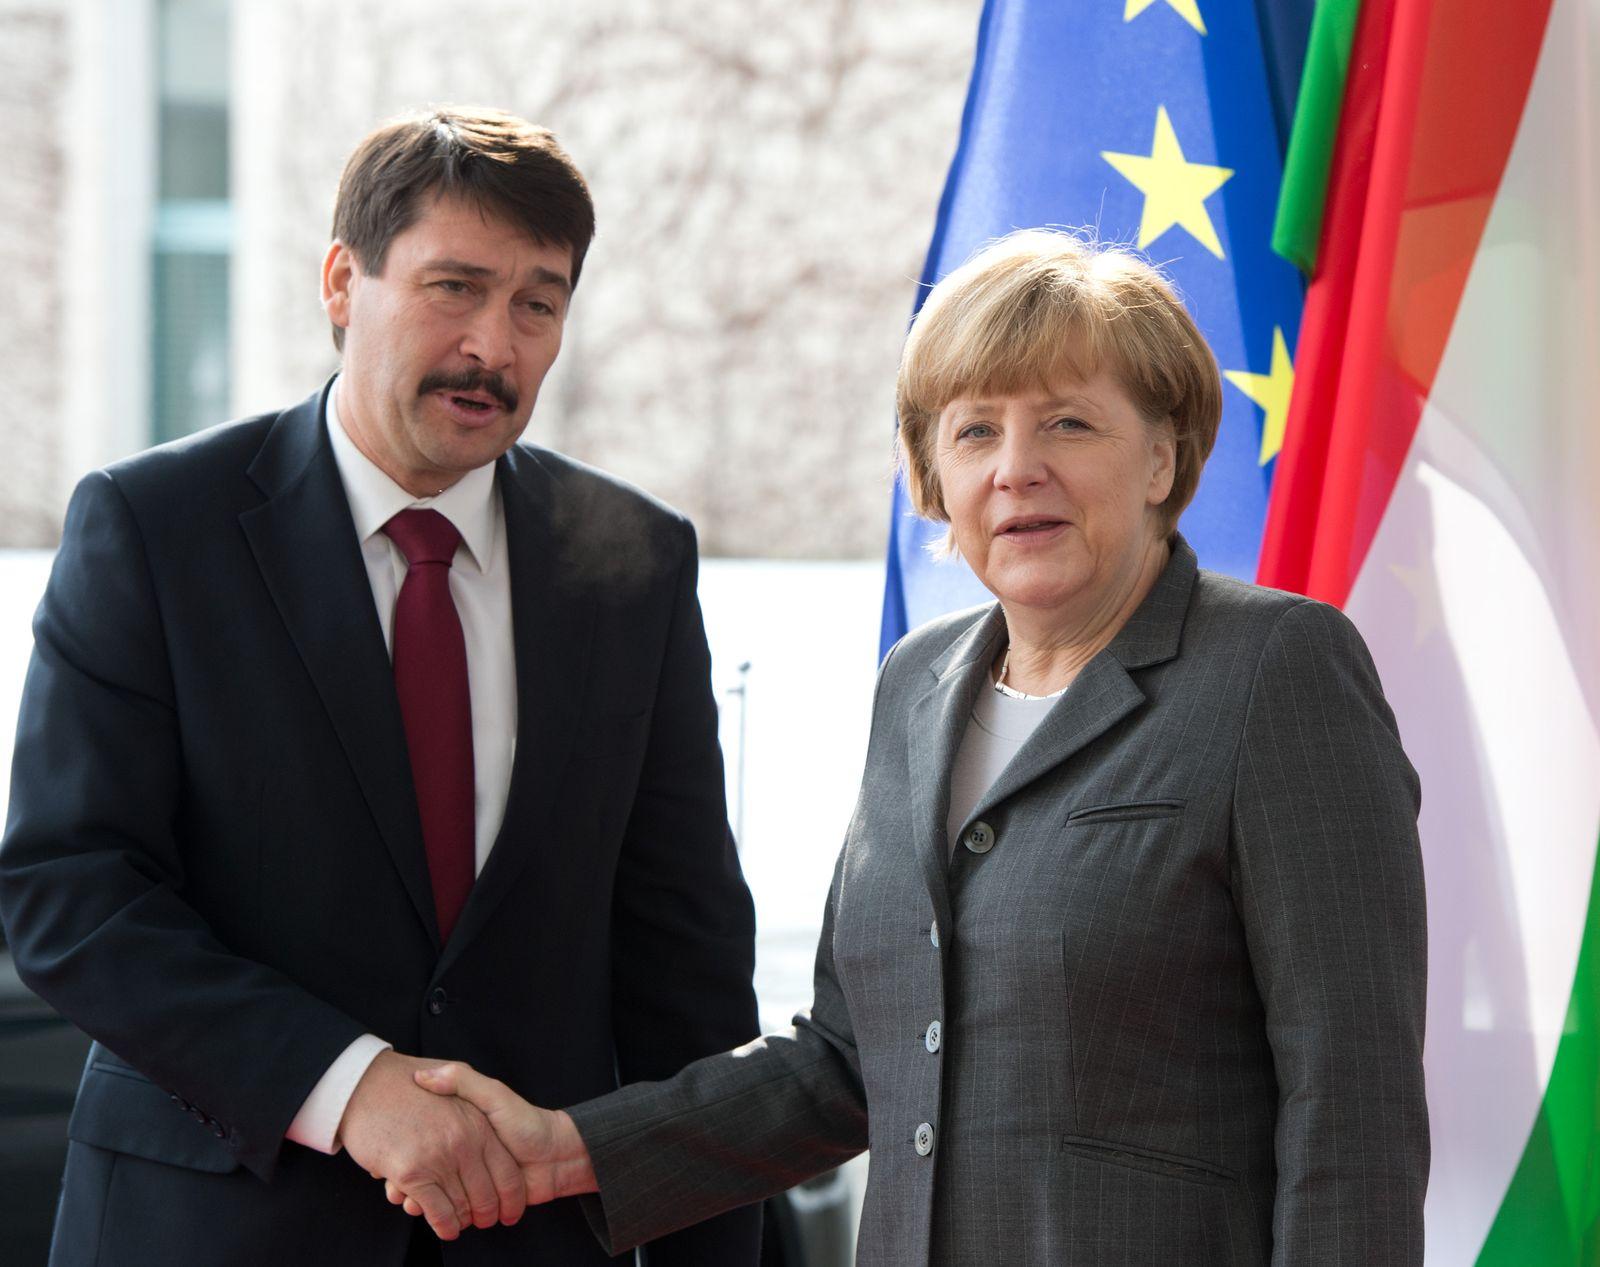 Ader Merkel